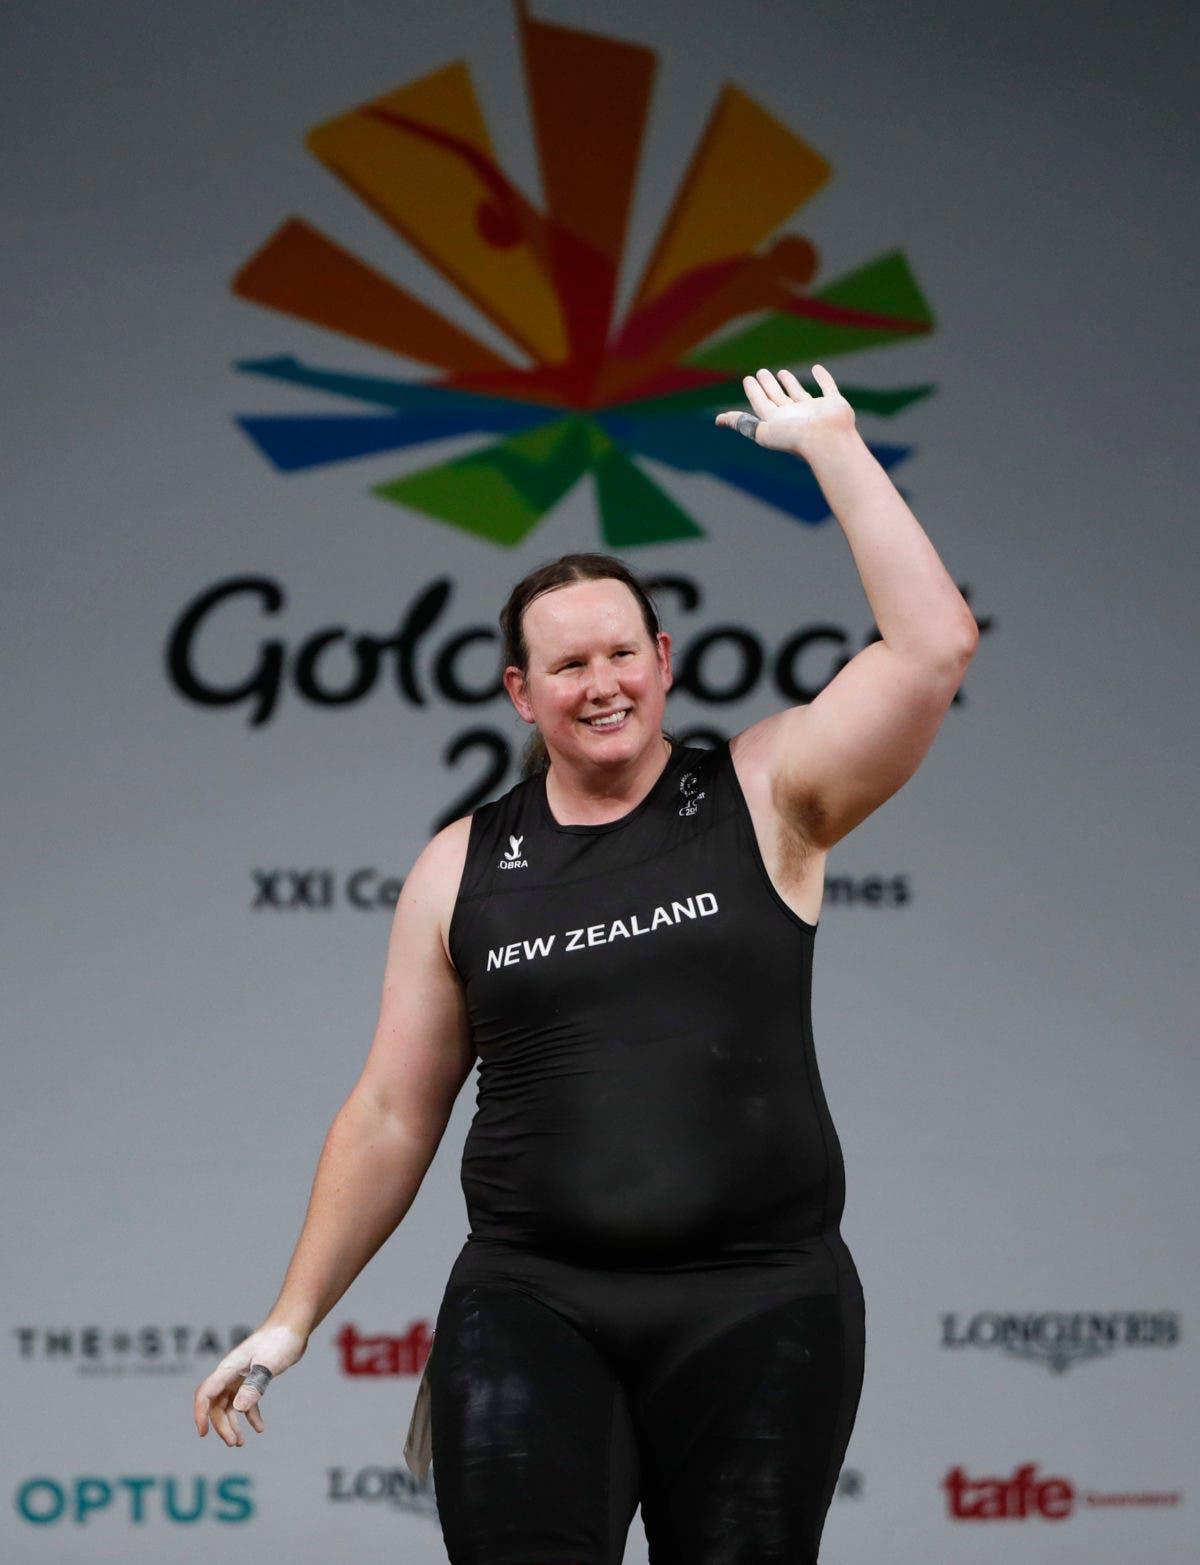 Tokio: Eliminada Laurel Hubbard, la primera deportista transgénero en Juegos Olímpicos